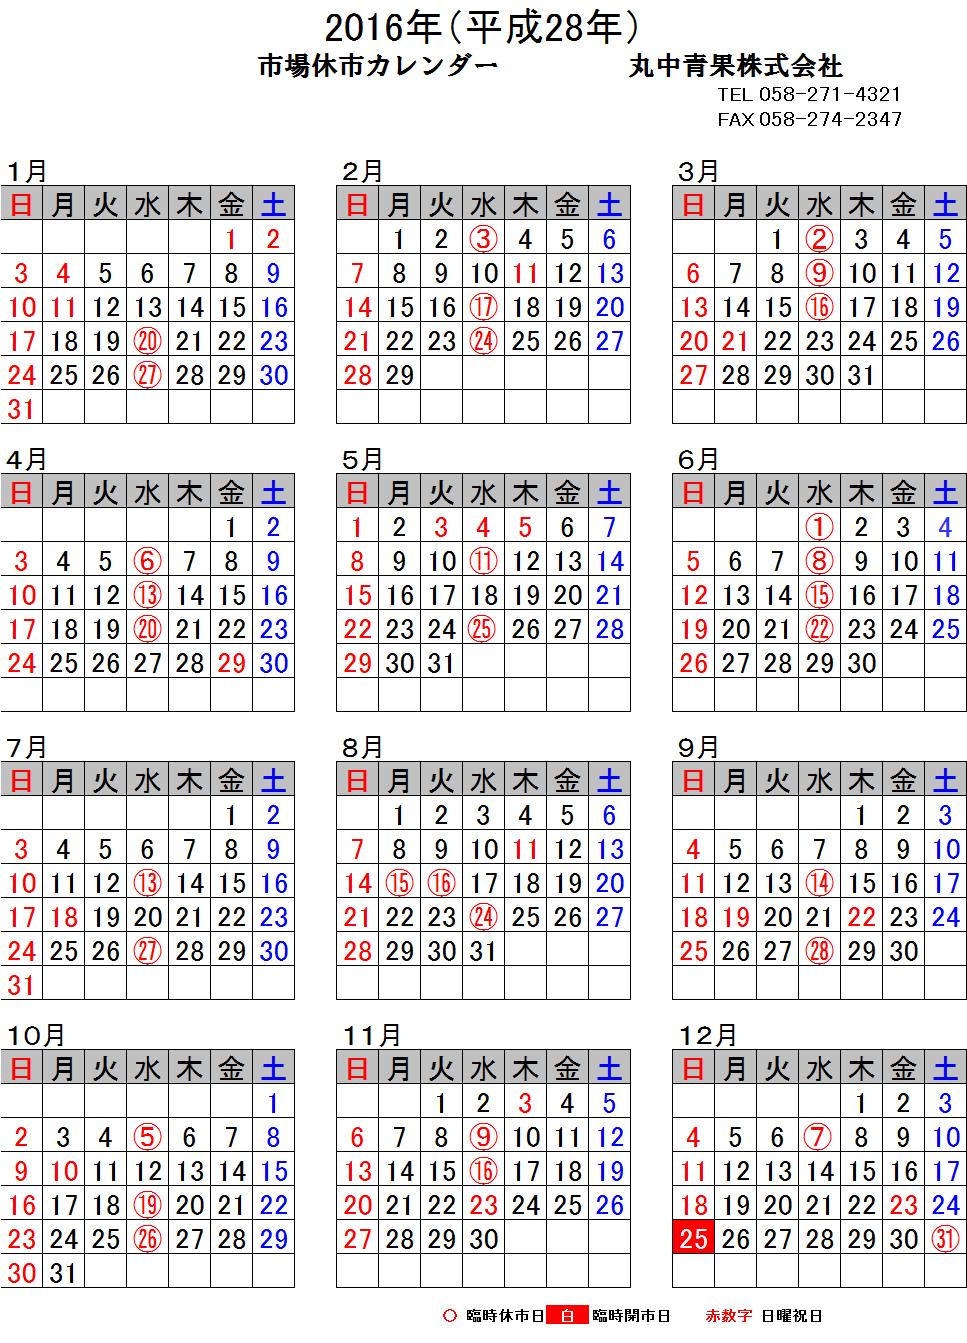 カレンダー | 市場カレンダー ... : カレンダー 予定表 : カレンダー